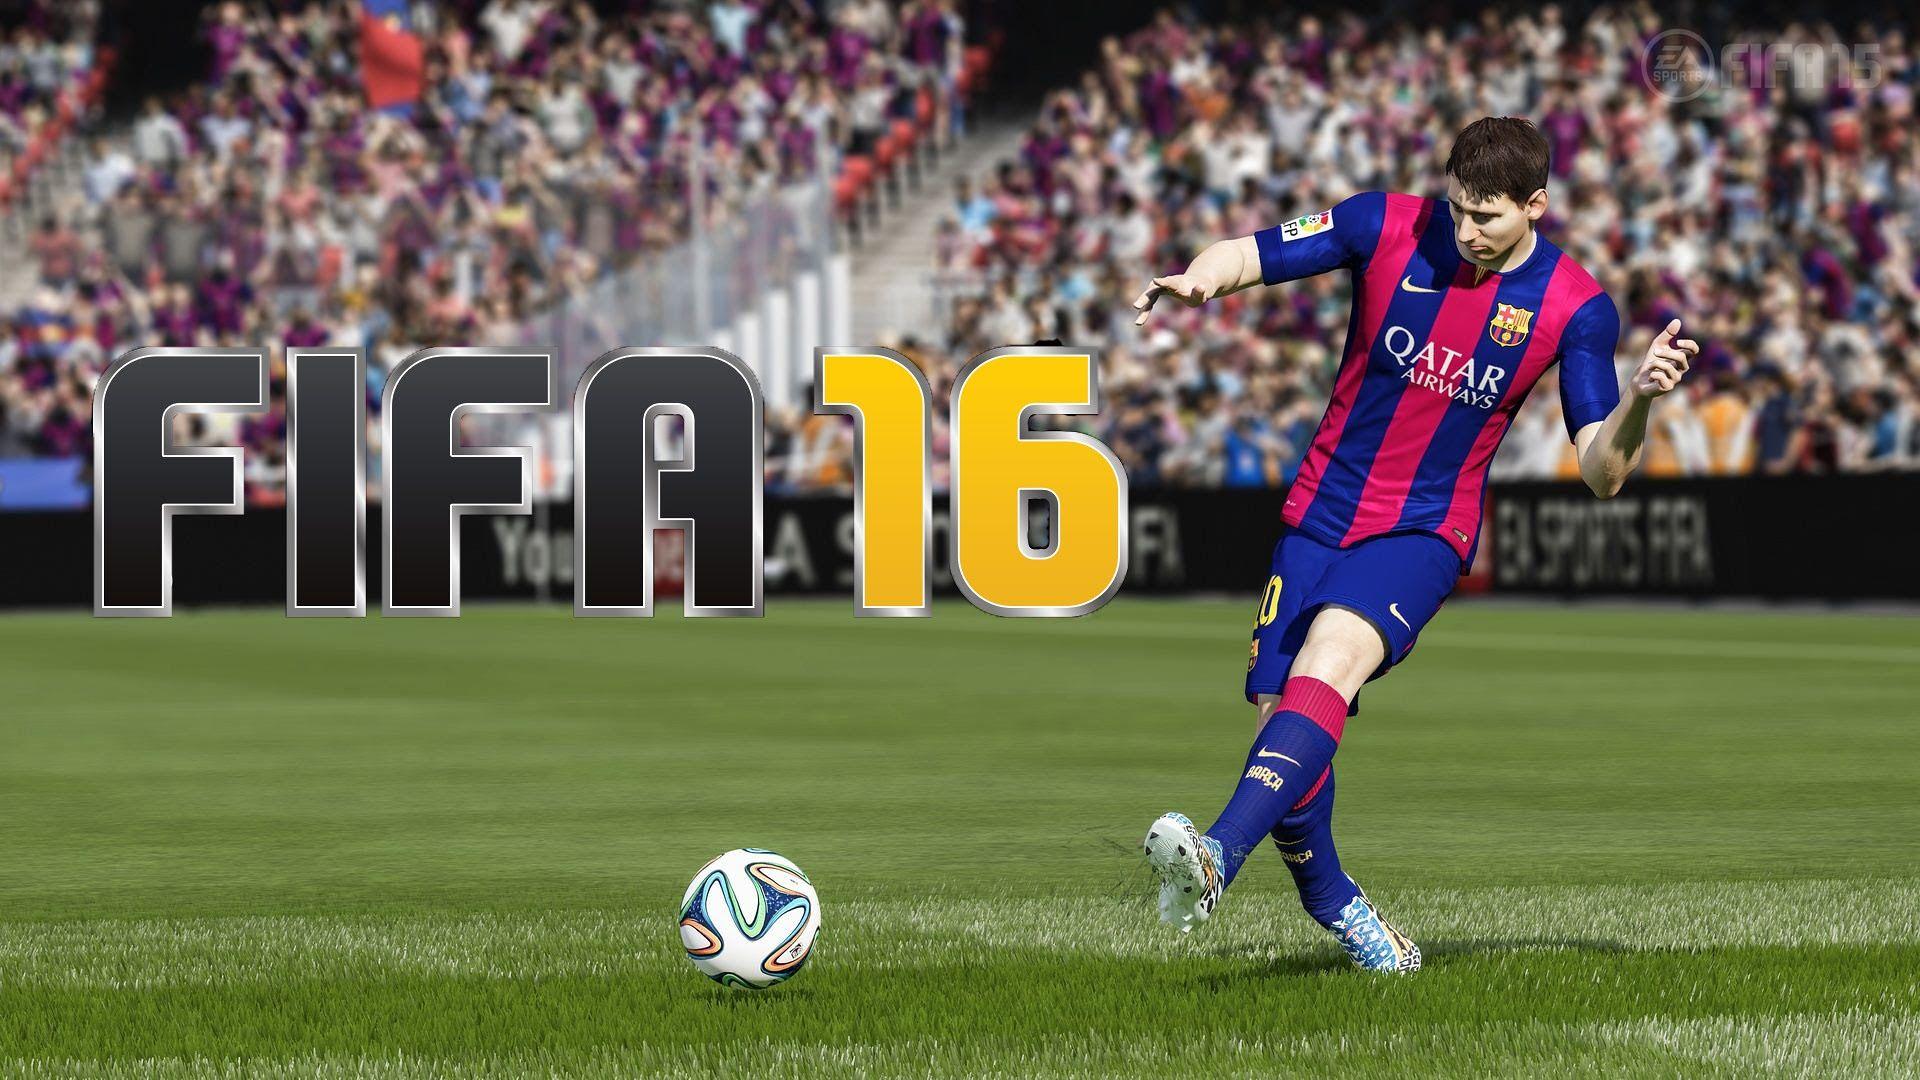 أقوى الفرق الكروية على الفيفا 16 FIFA